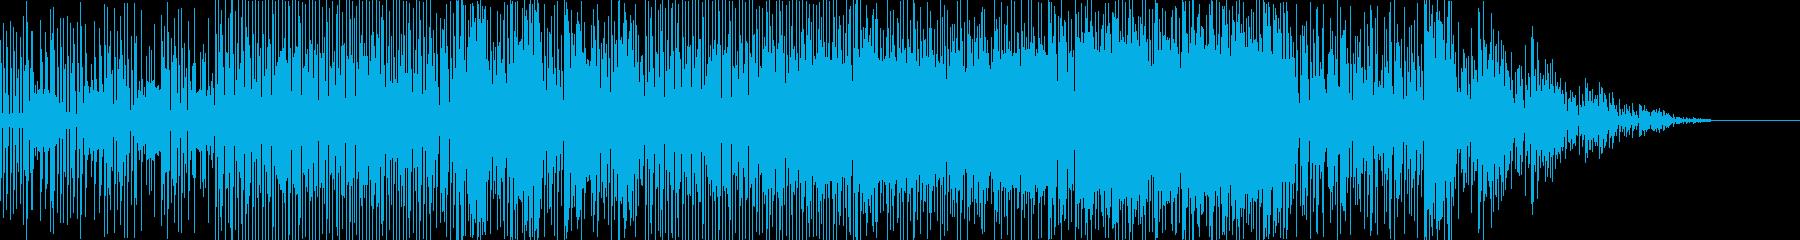 エレクトロニック 説明的 静か バ...の再生済みの波形